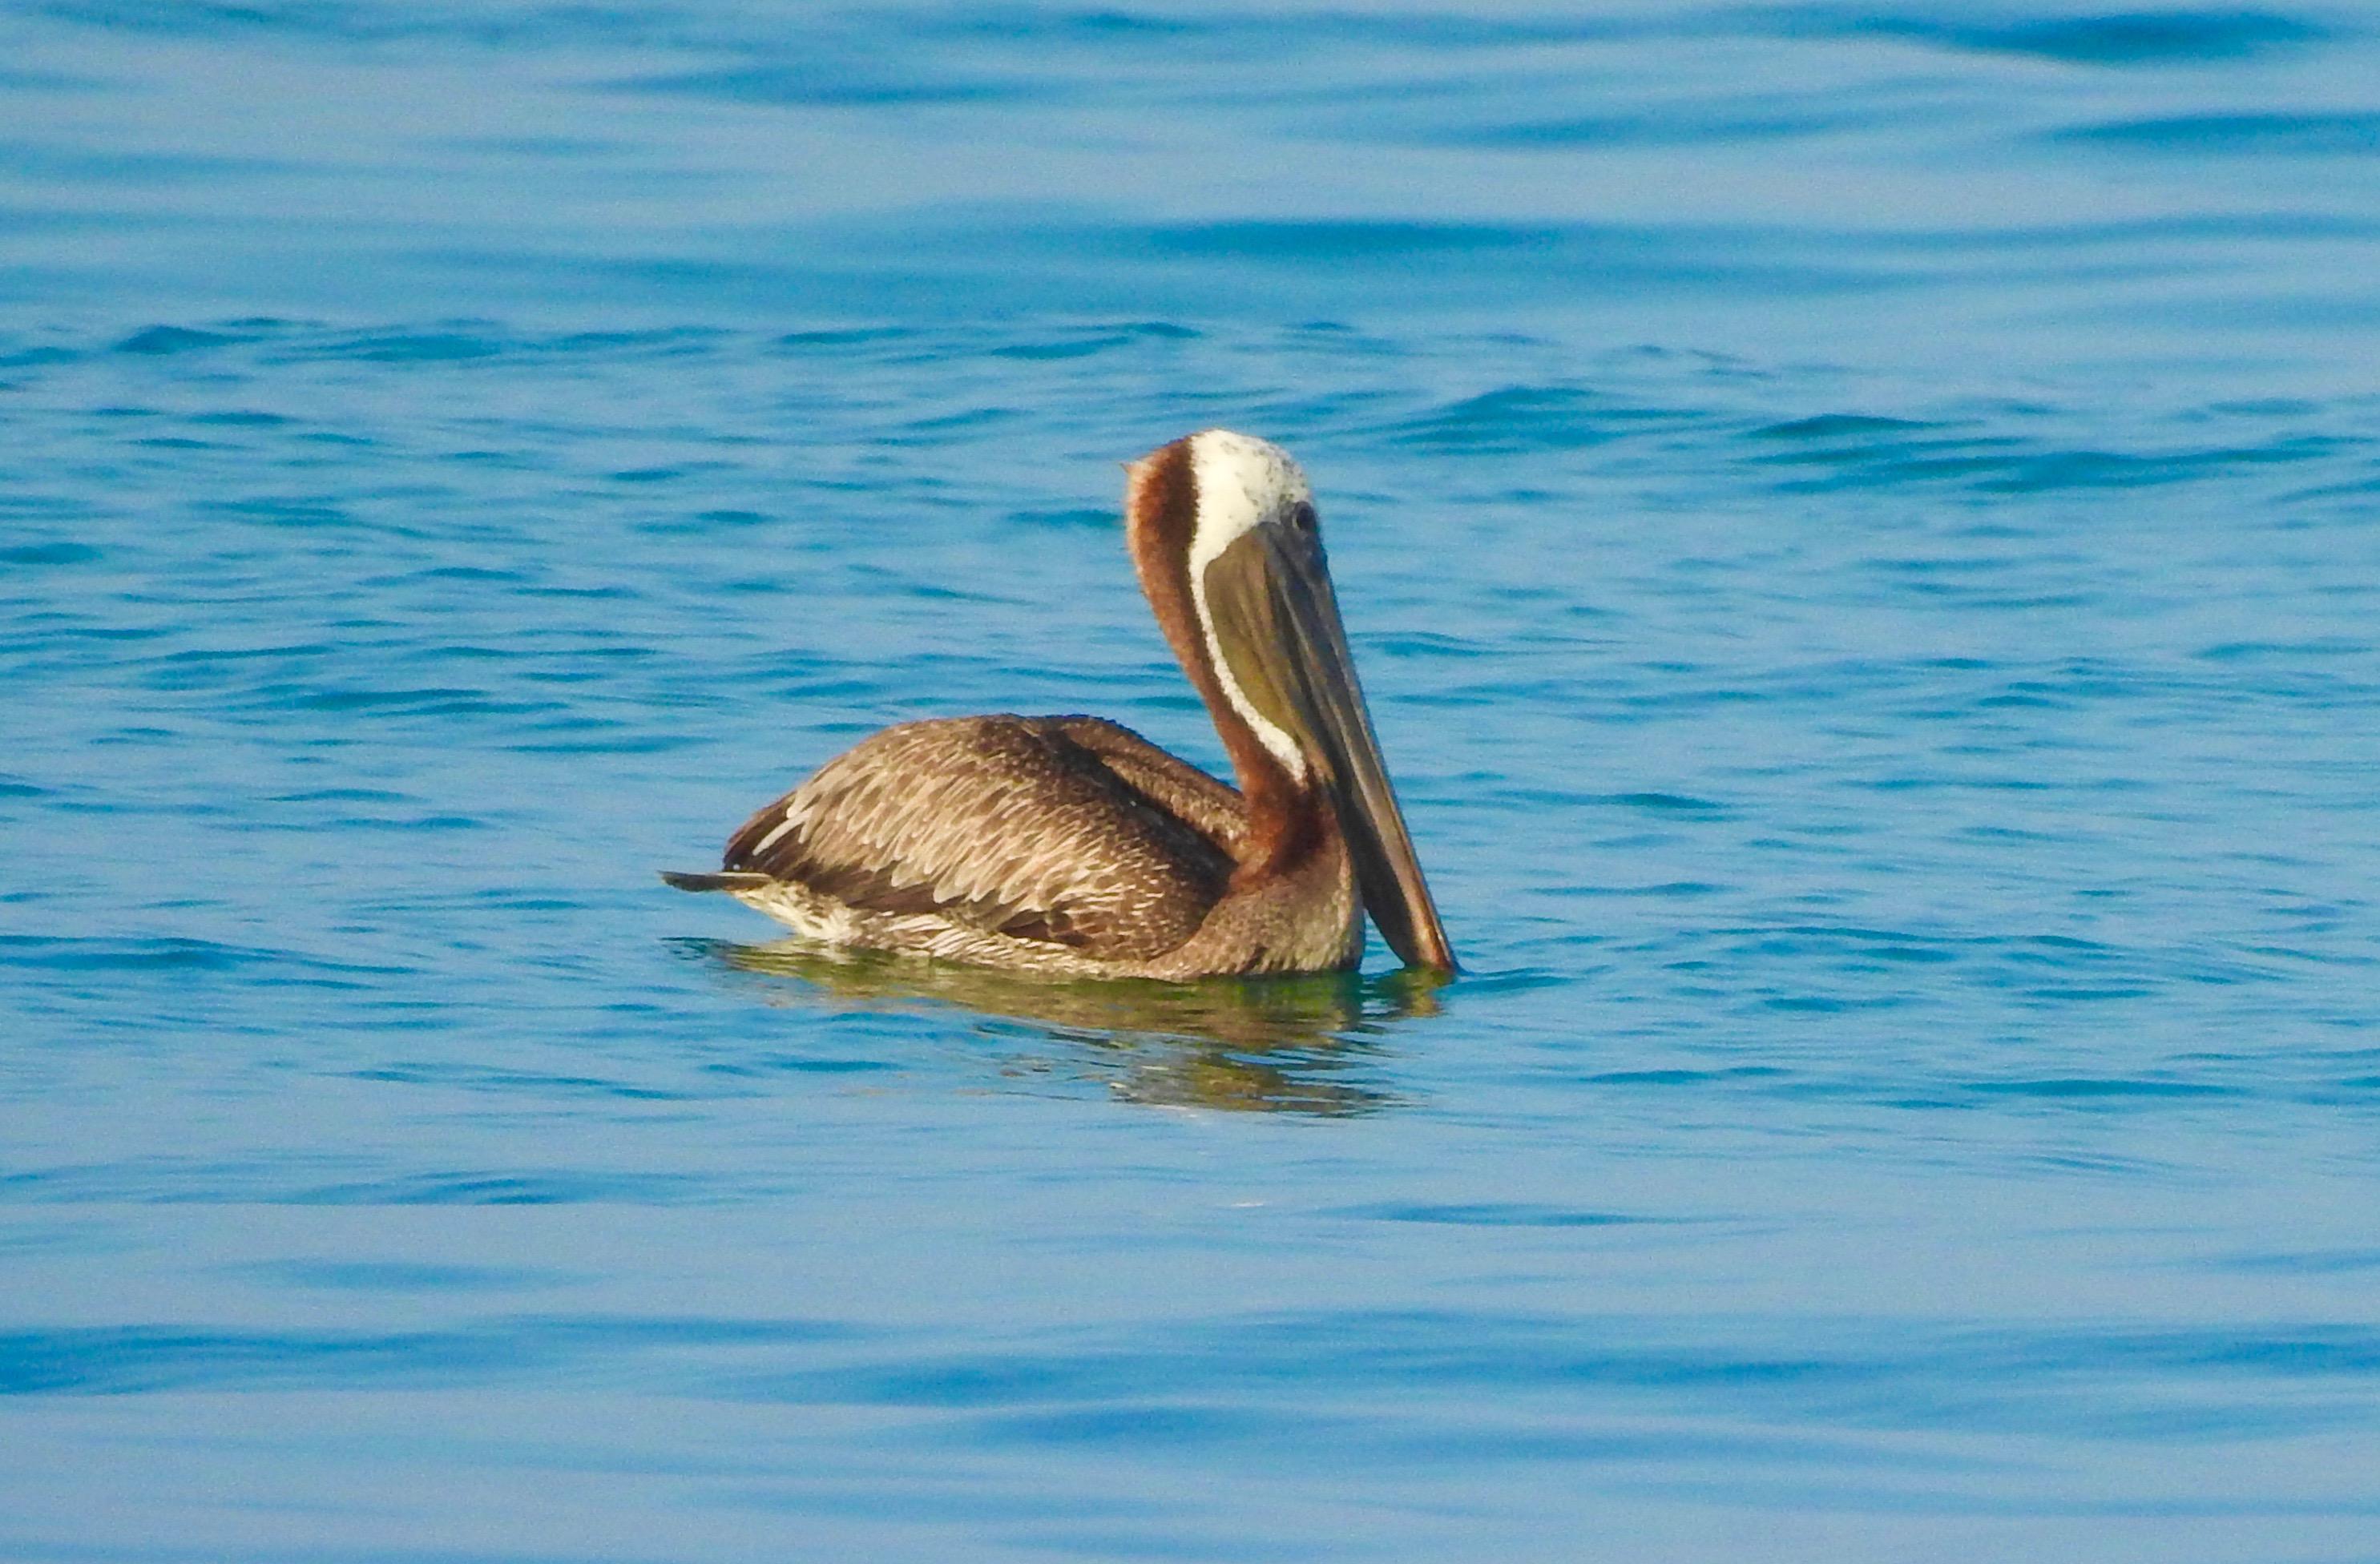 Pelicans Cookiecrumbstoliveby